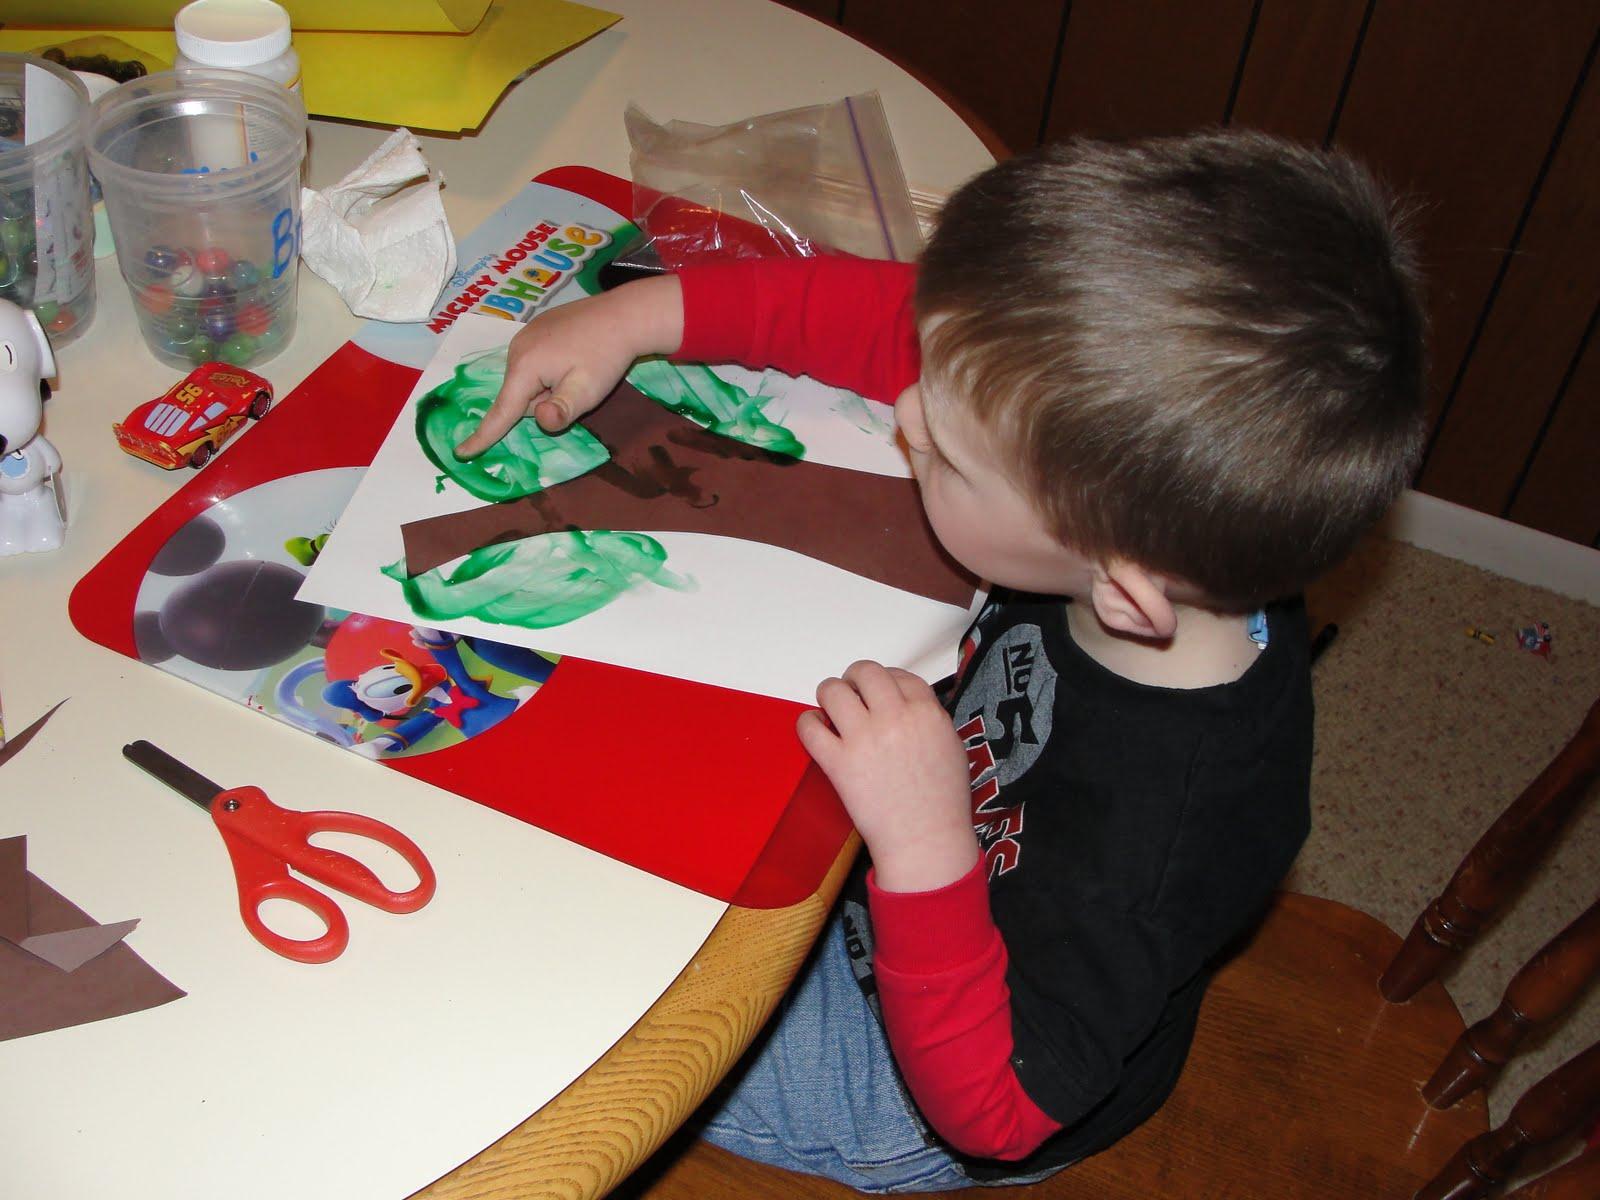 Never A Dull Moment Preschool Tot School Weeks 7 Amp 8 Feb 12 Feb 25